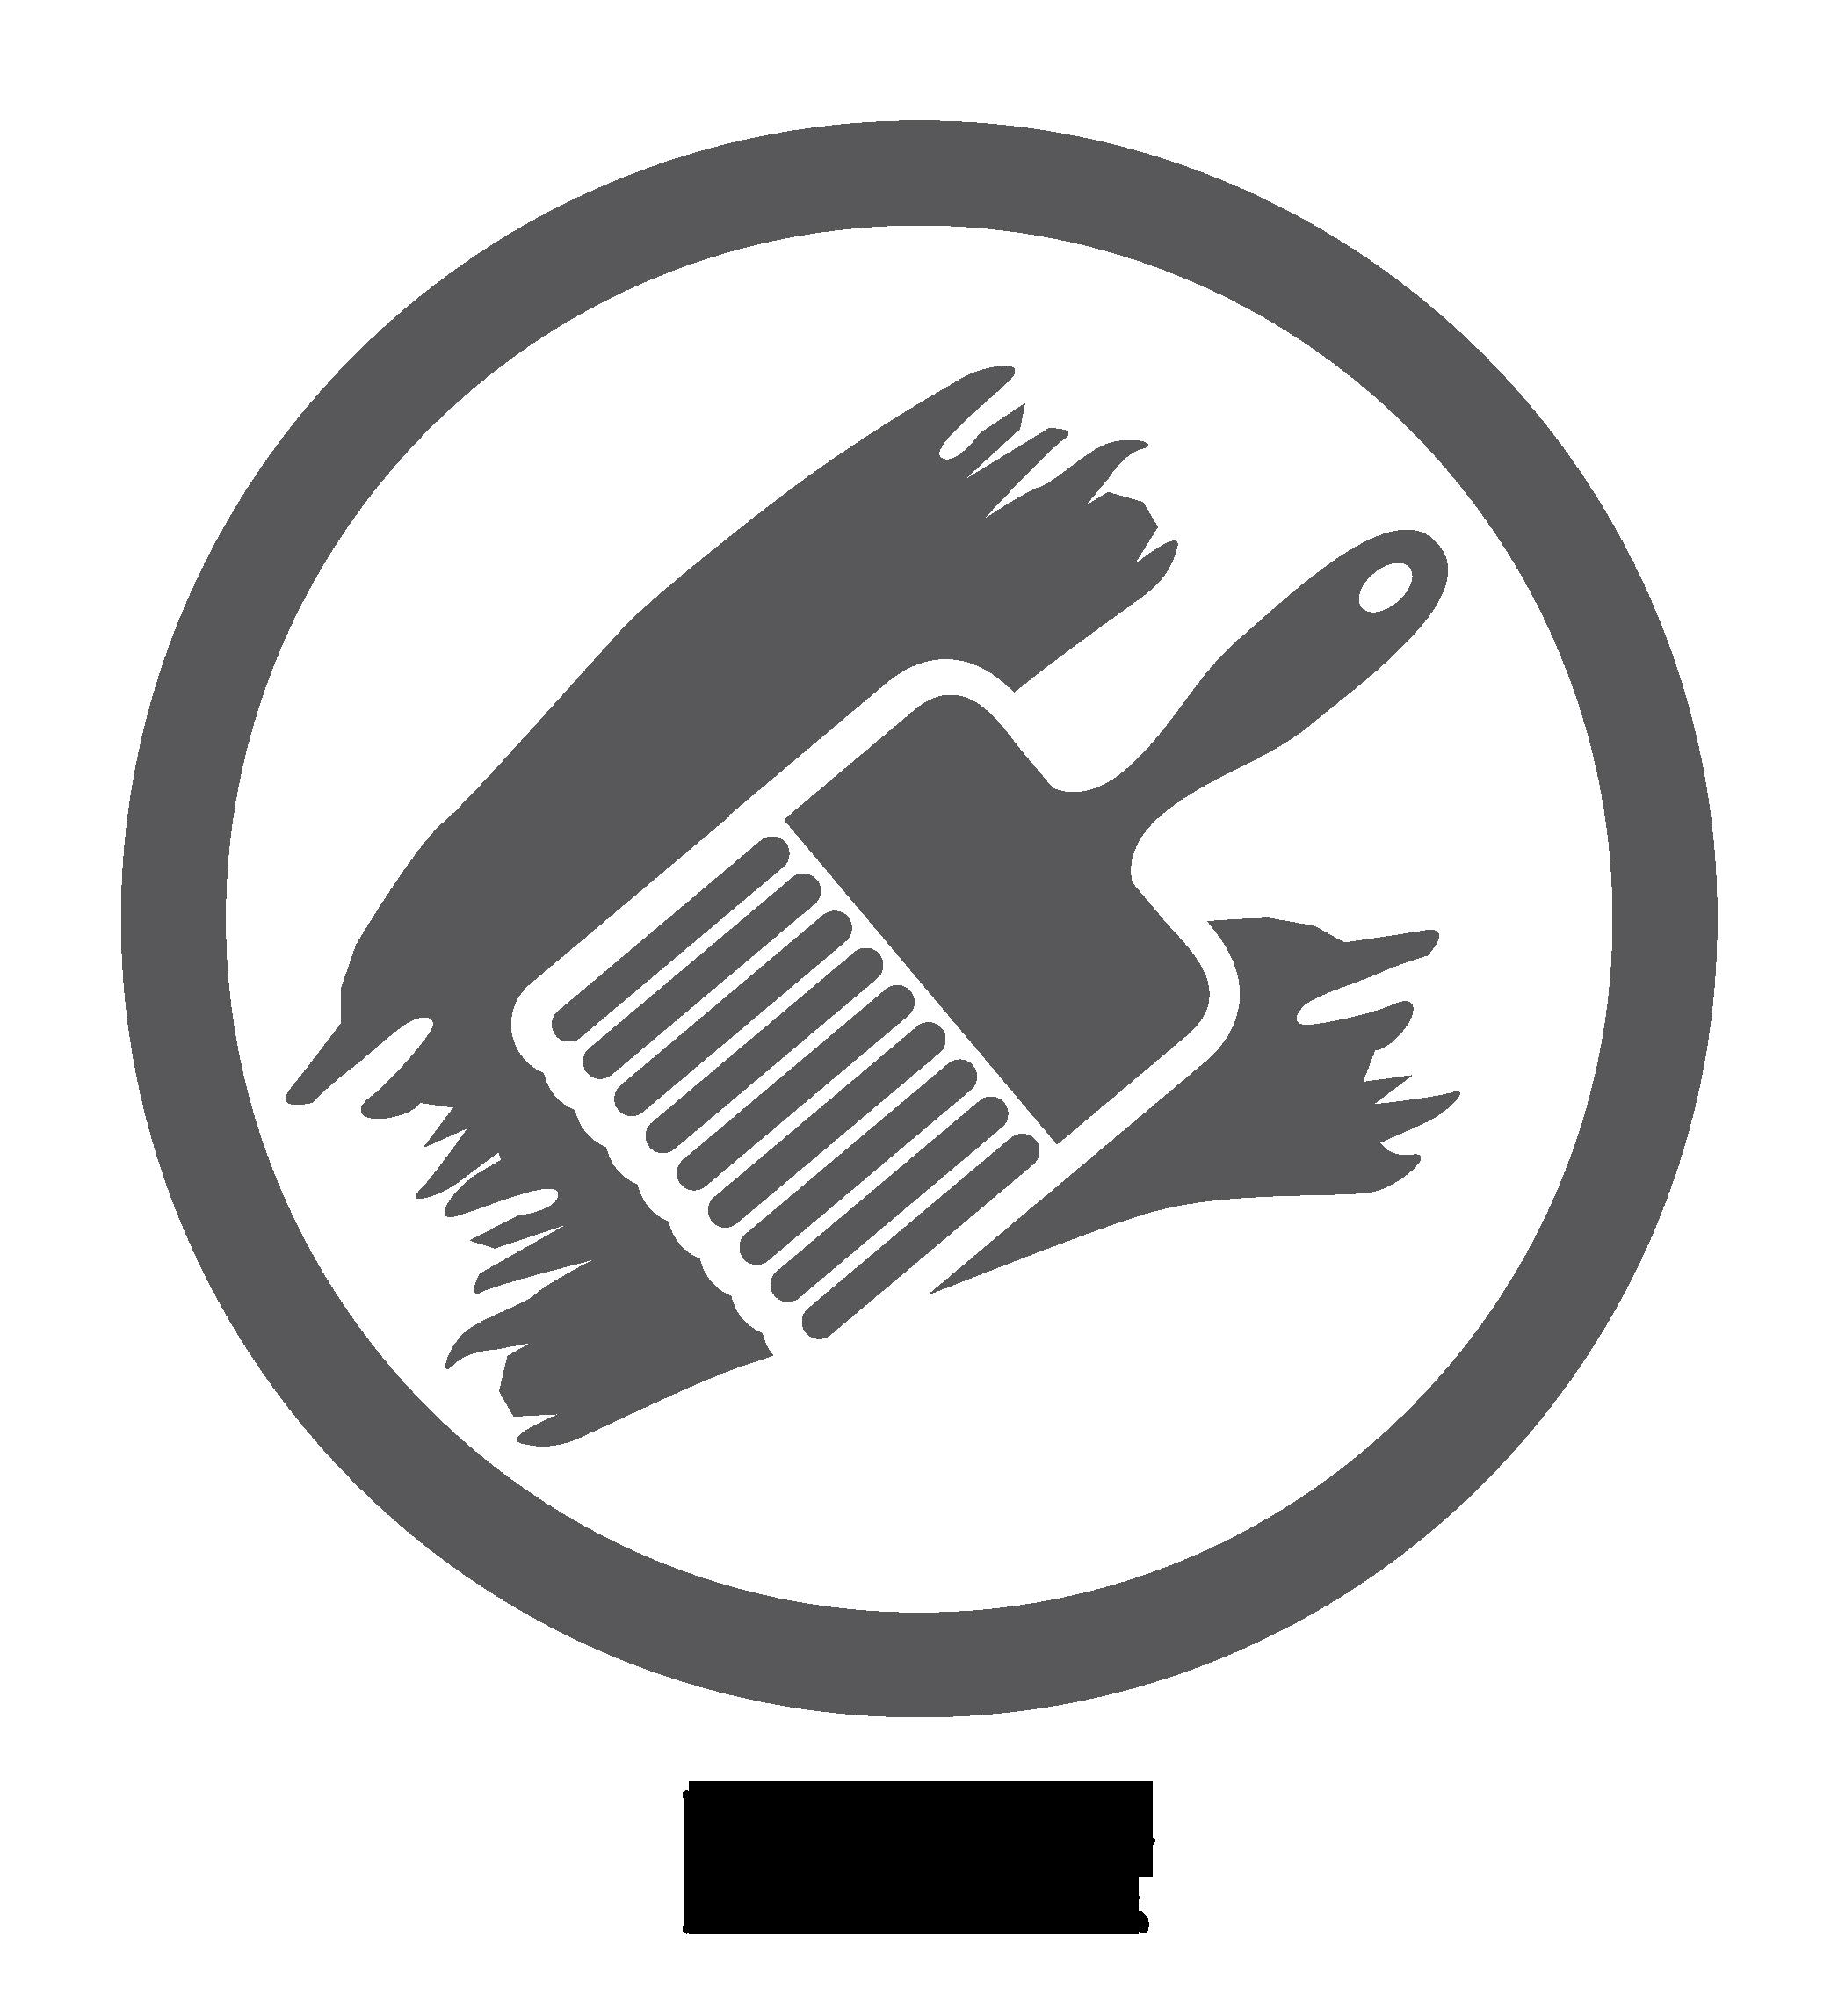 防污渍表面标识